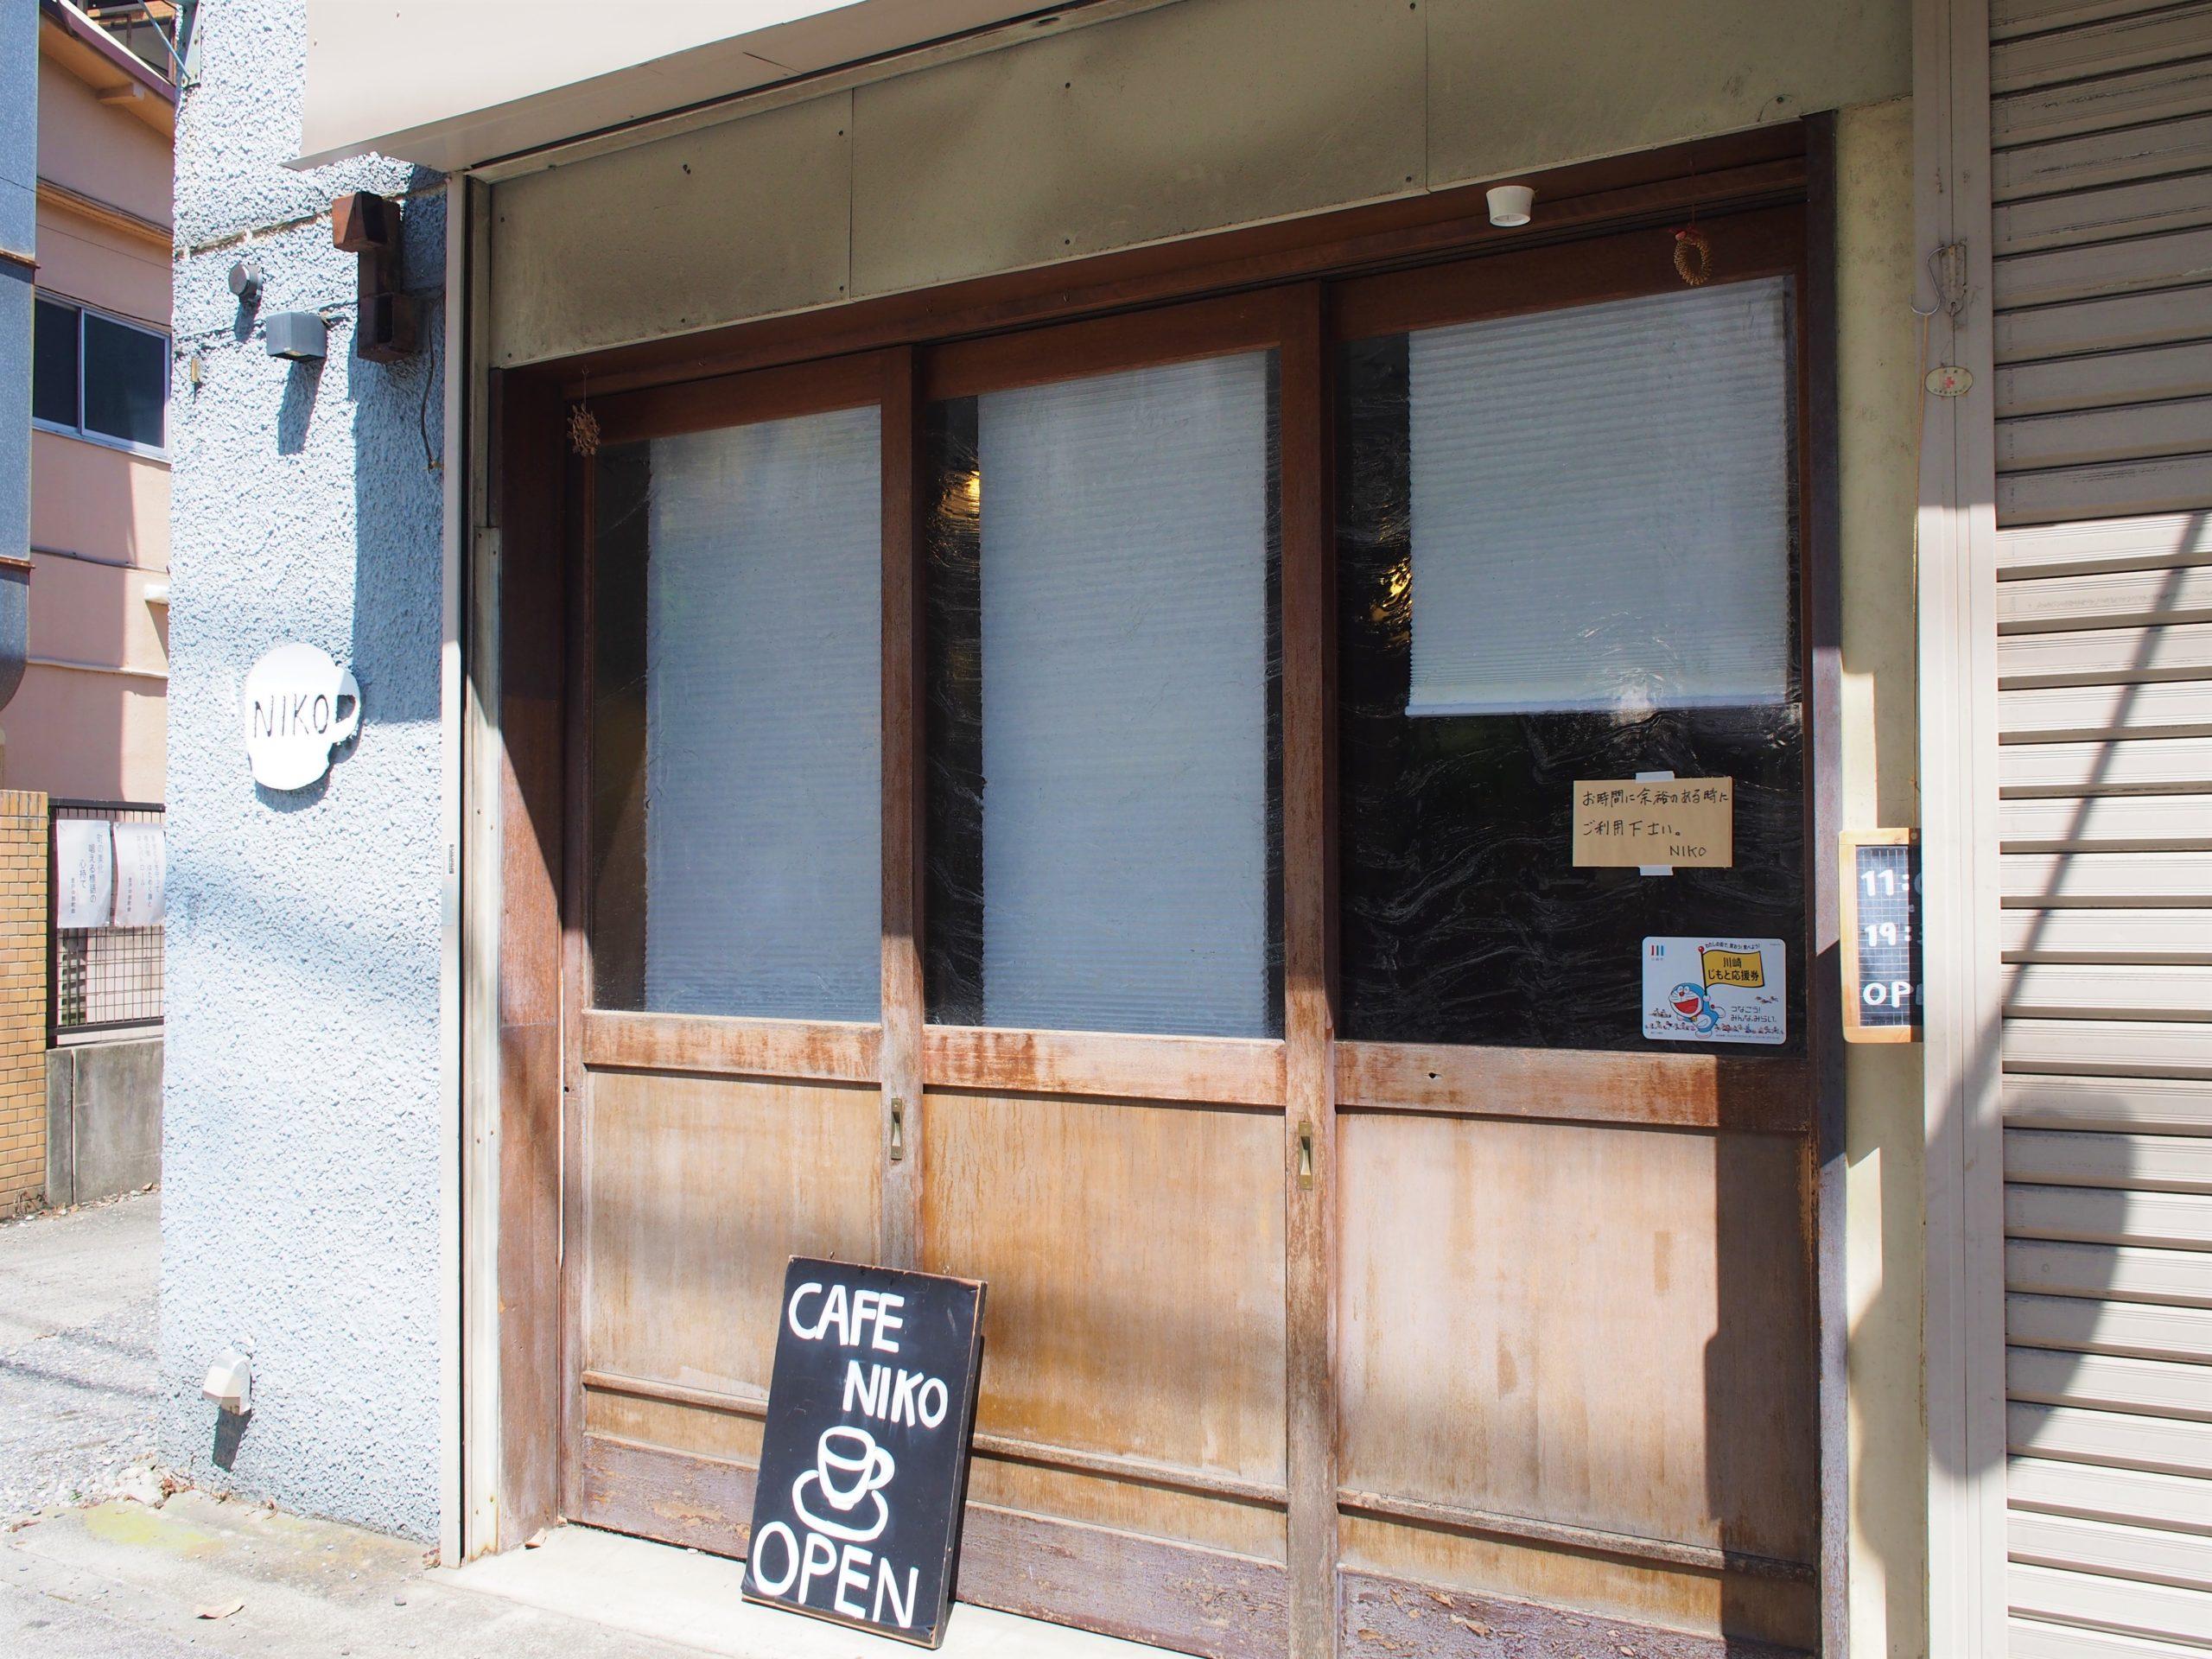 CAFE NIKO(カフェ ニコ)